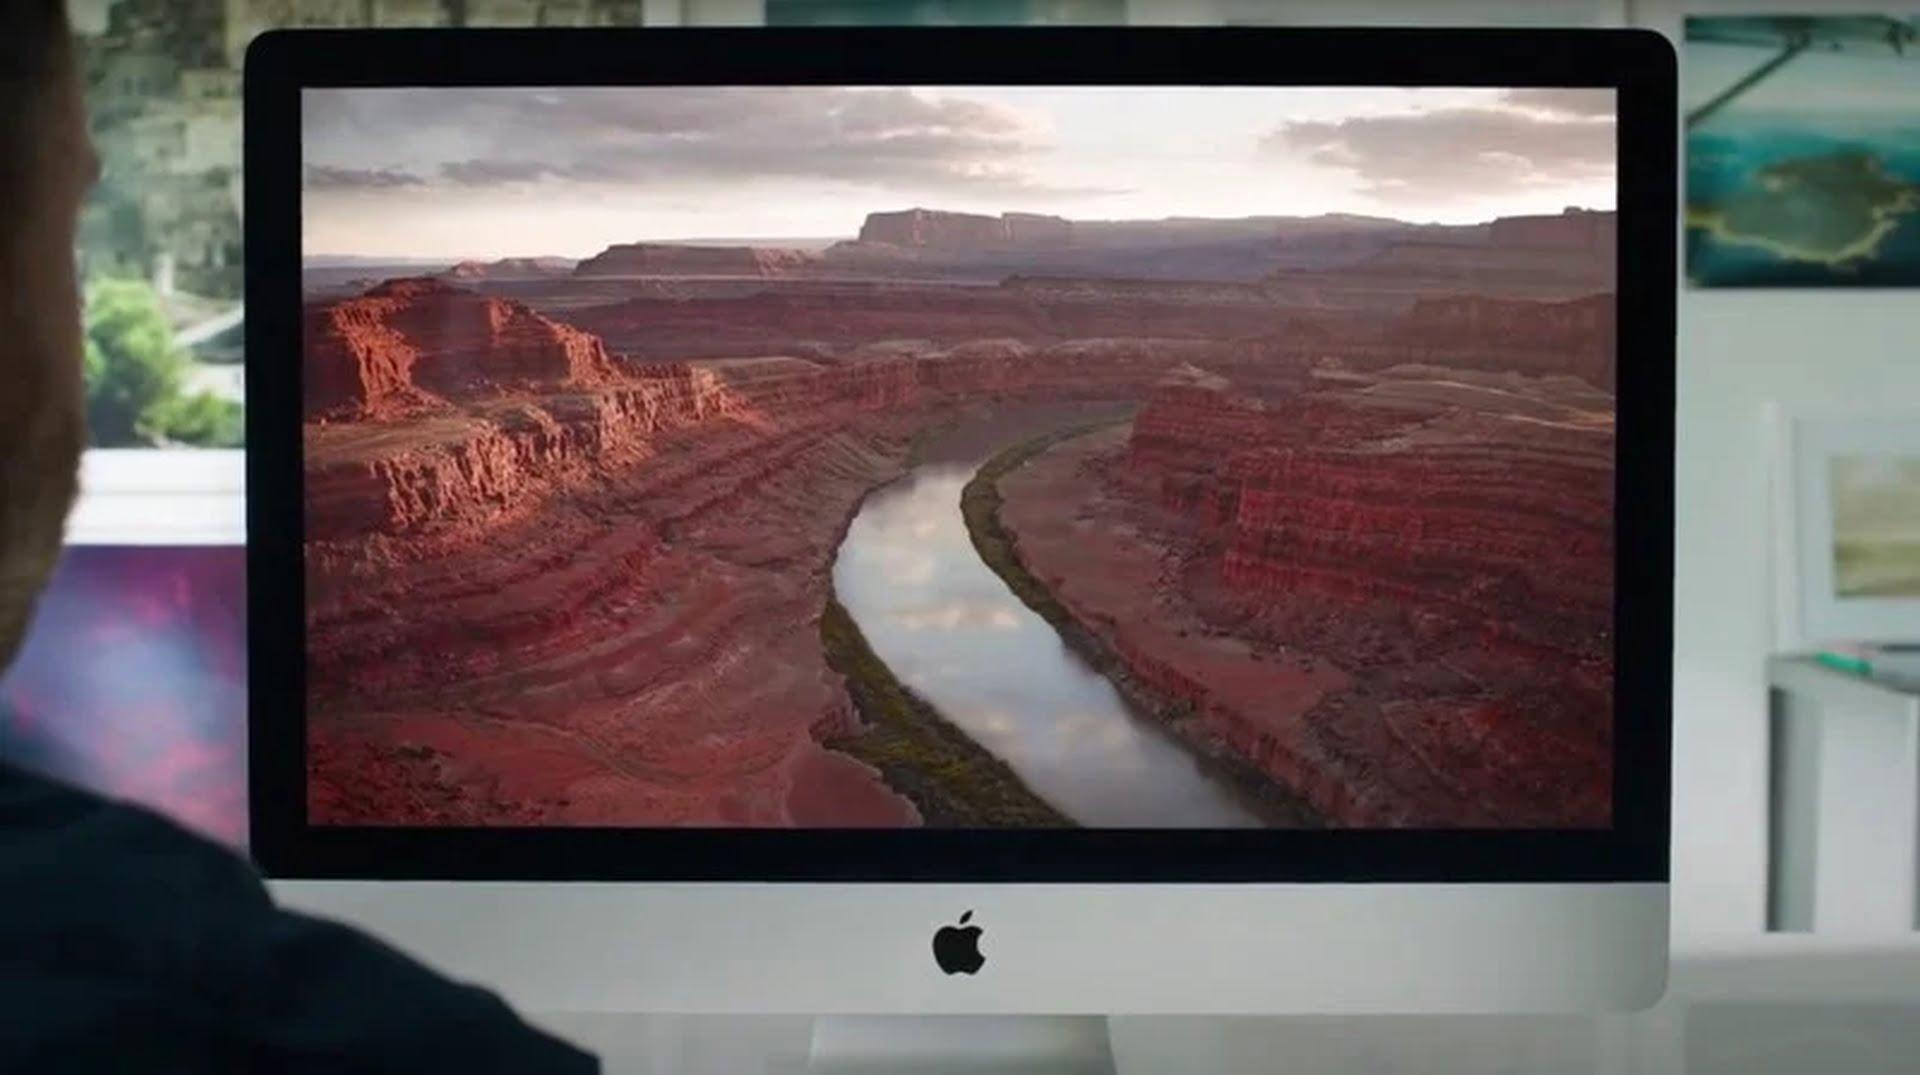 Na listę produktów przestarzałych trafiły pierwsze modele iMaców 5K